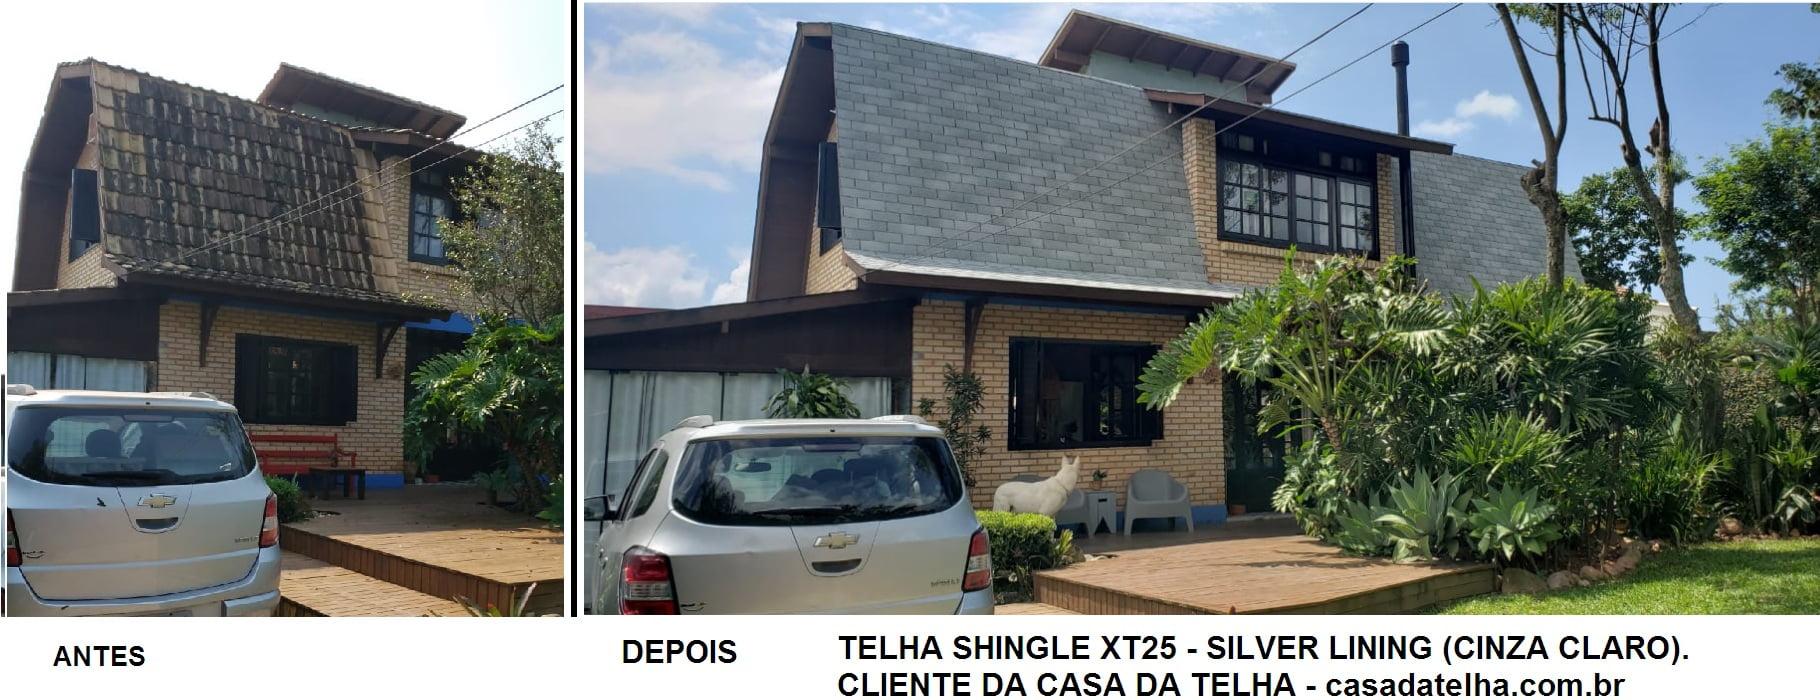 Case de sucesso: telha shingle transforma o visual de sua ..